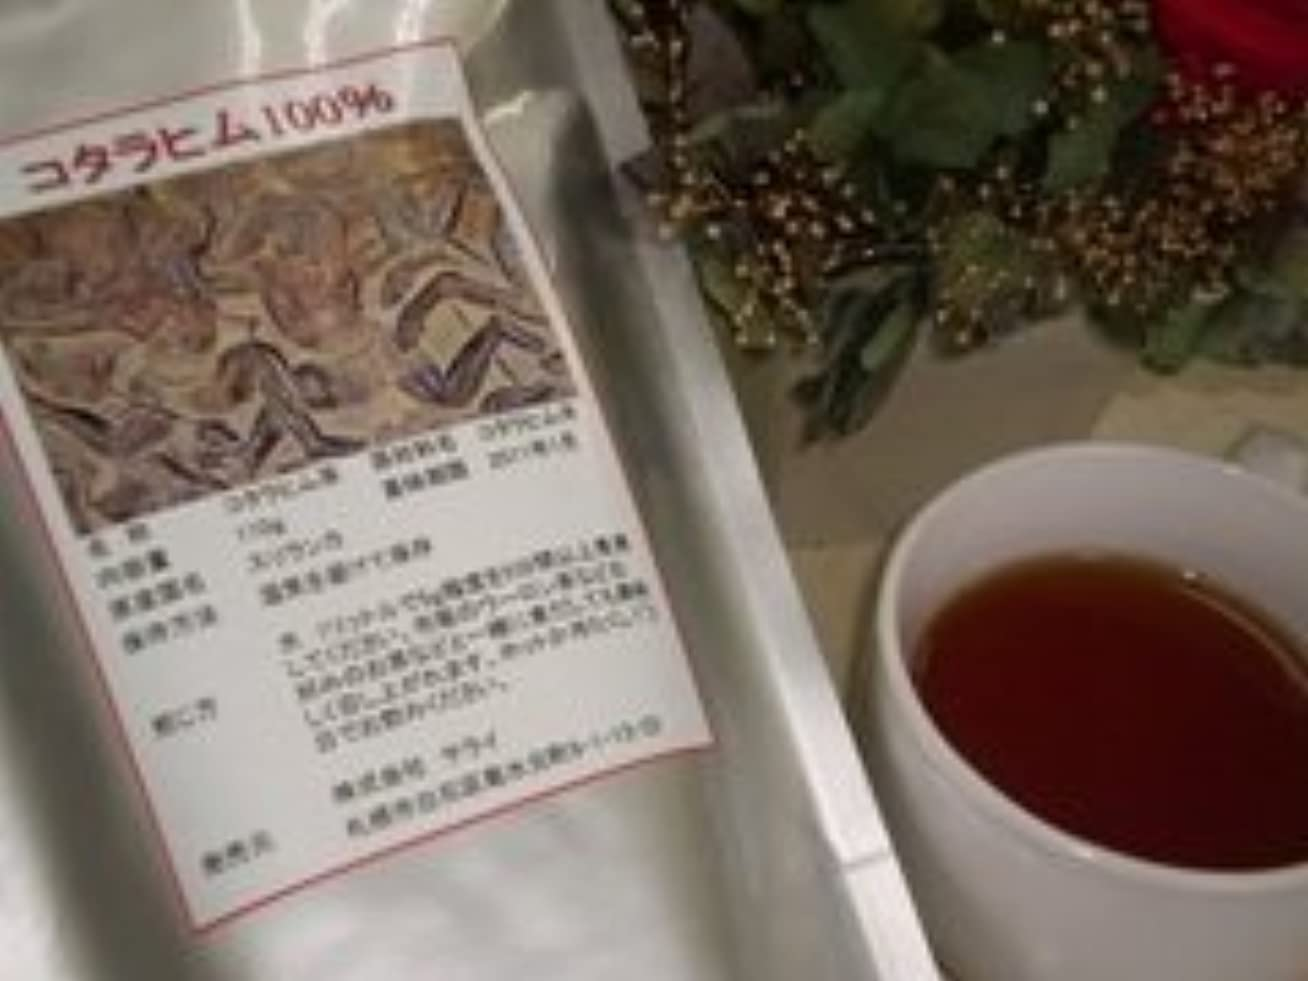 暖炉チャット暖炉焙煎コタラヒム100%茶